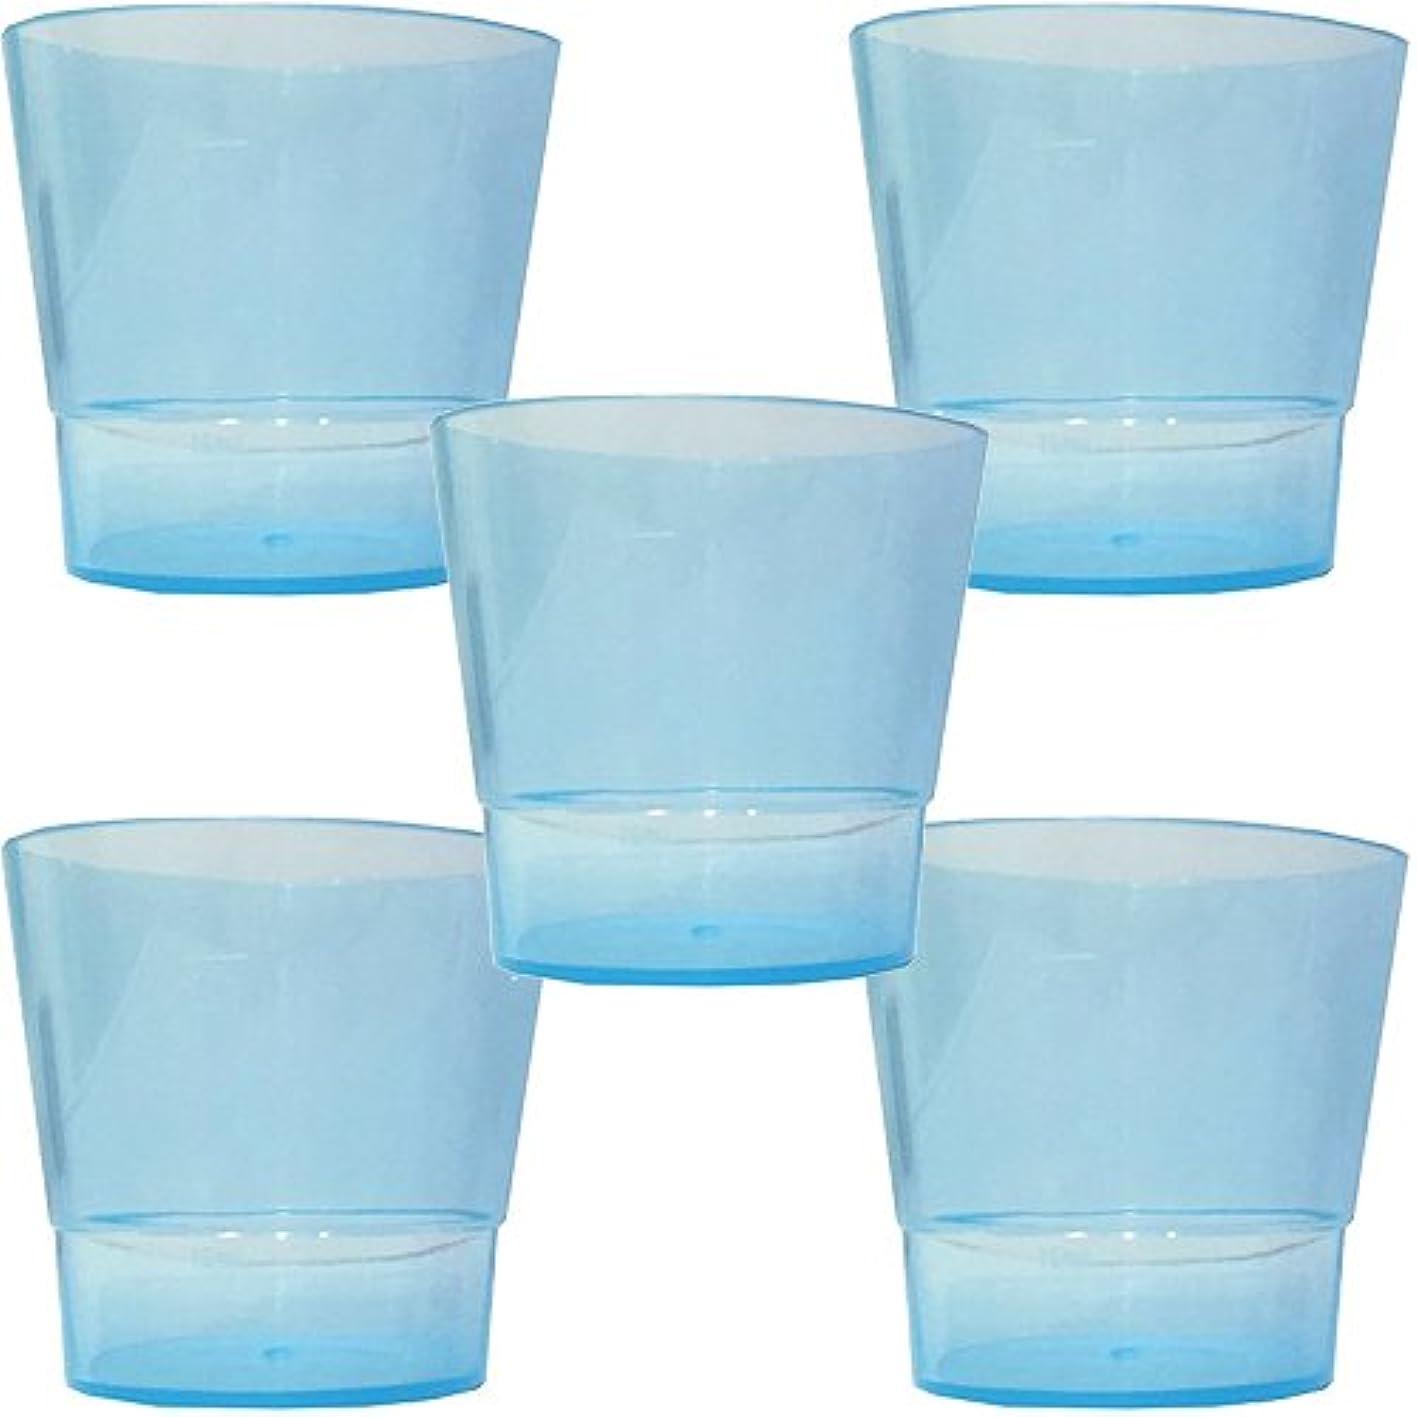 暴力ダイエットグレー洗口コップ (少量洗口専用コップ) (ブルー 5個)